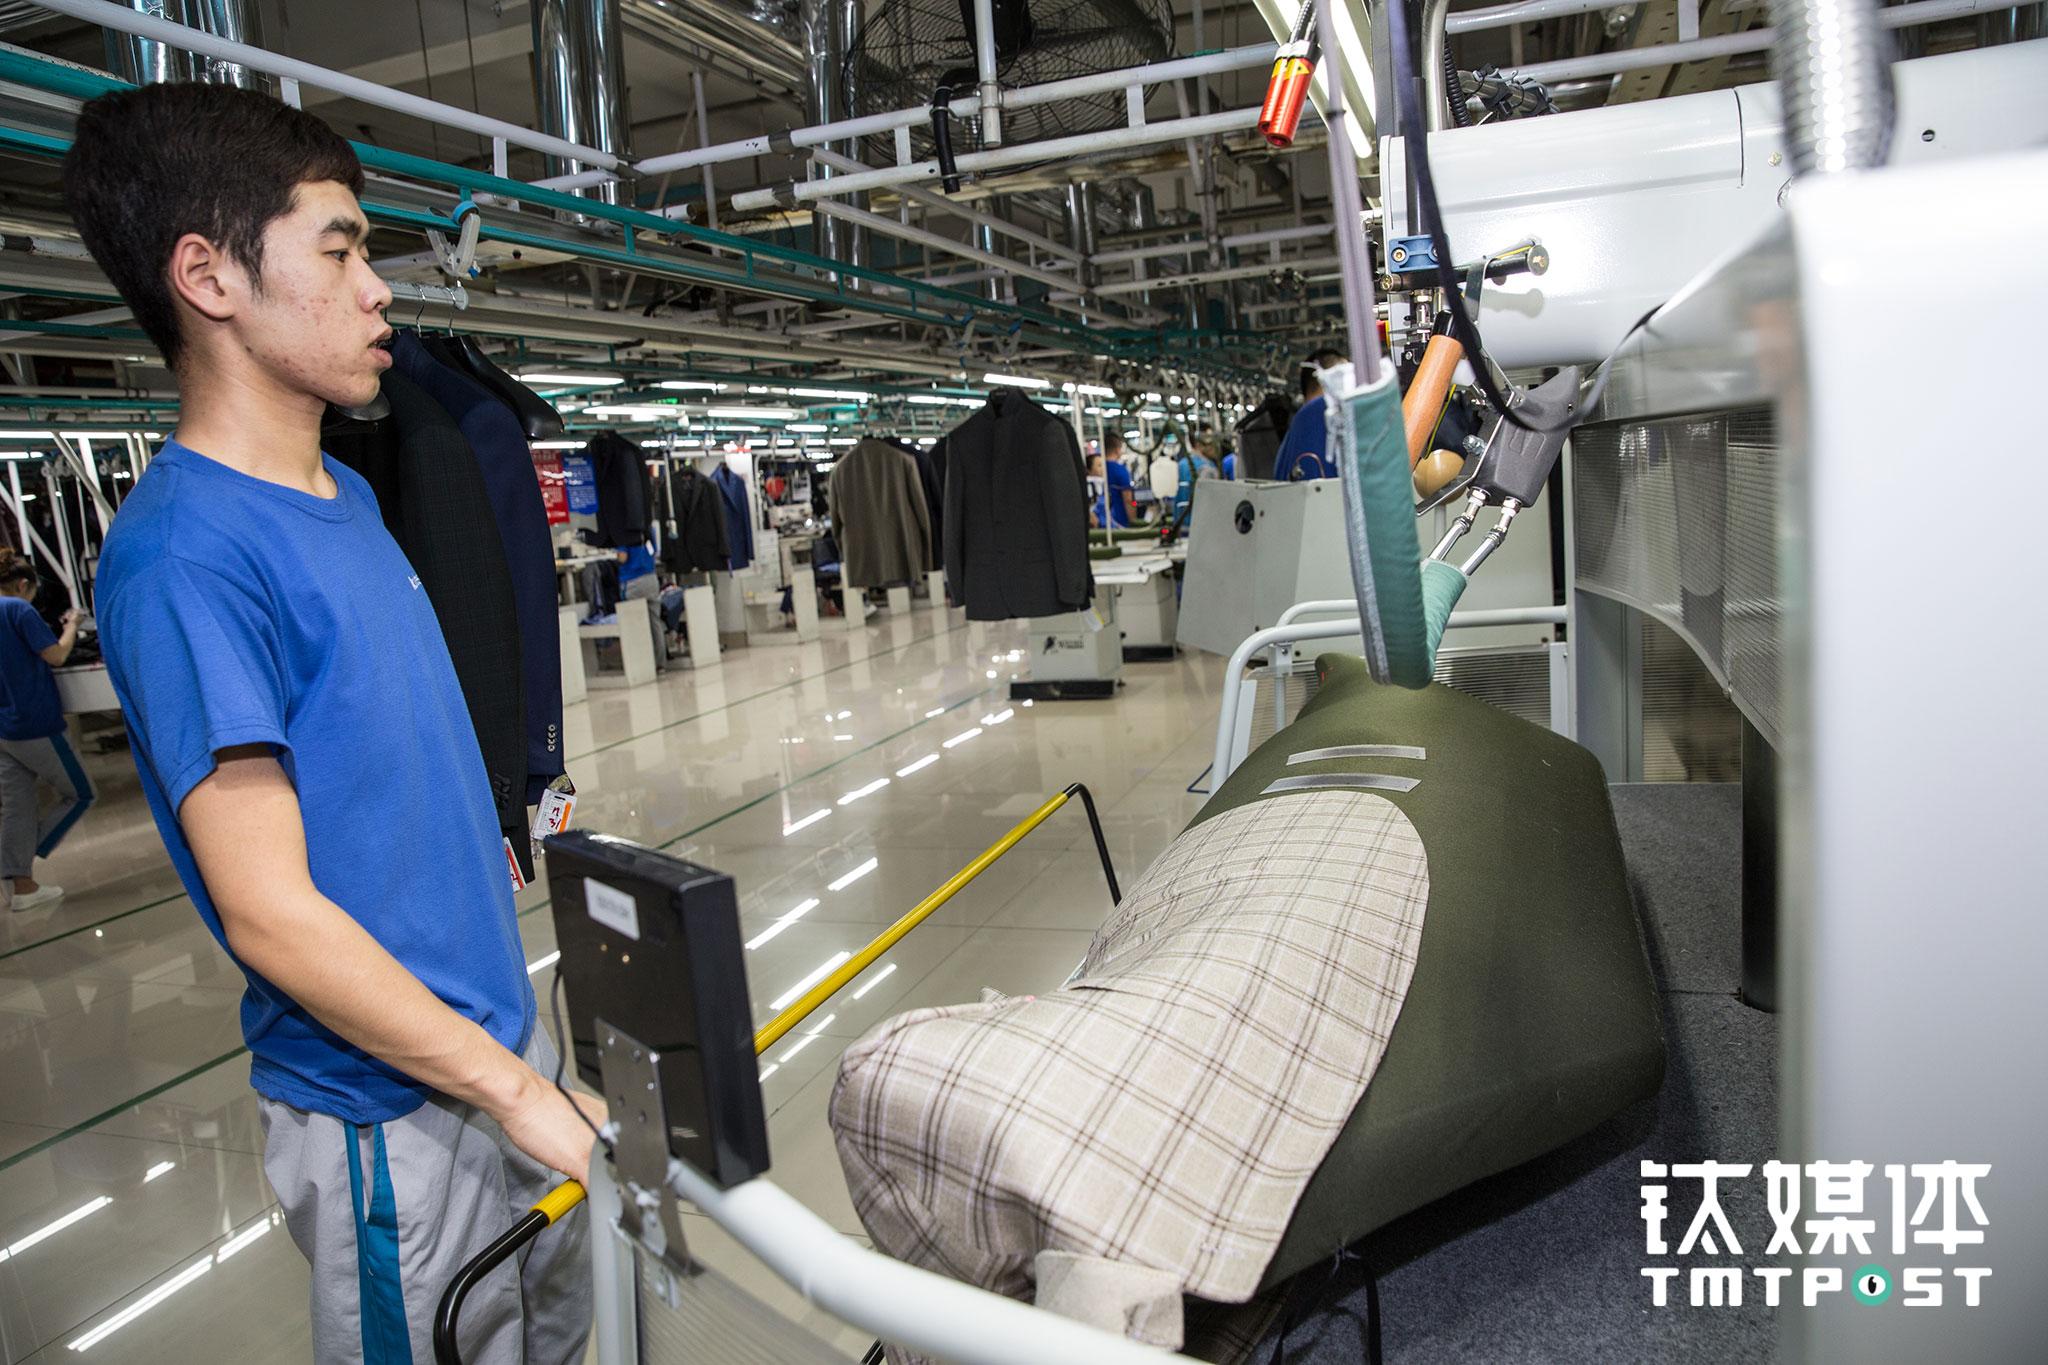 智能整烫线体上,一名工人在为西服做出厂前的熨烫。